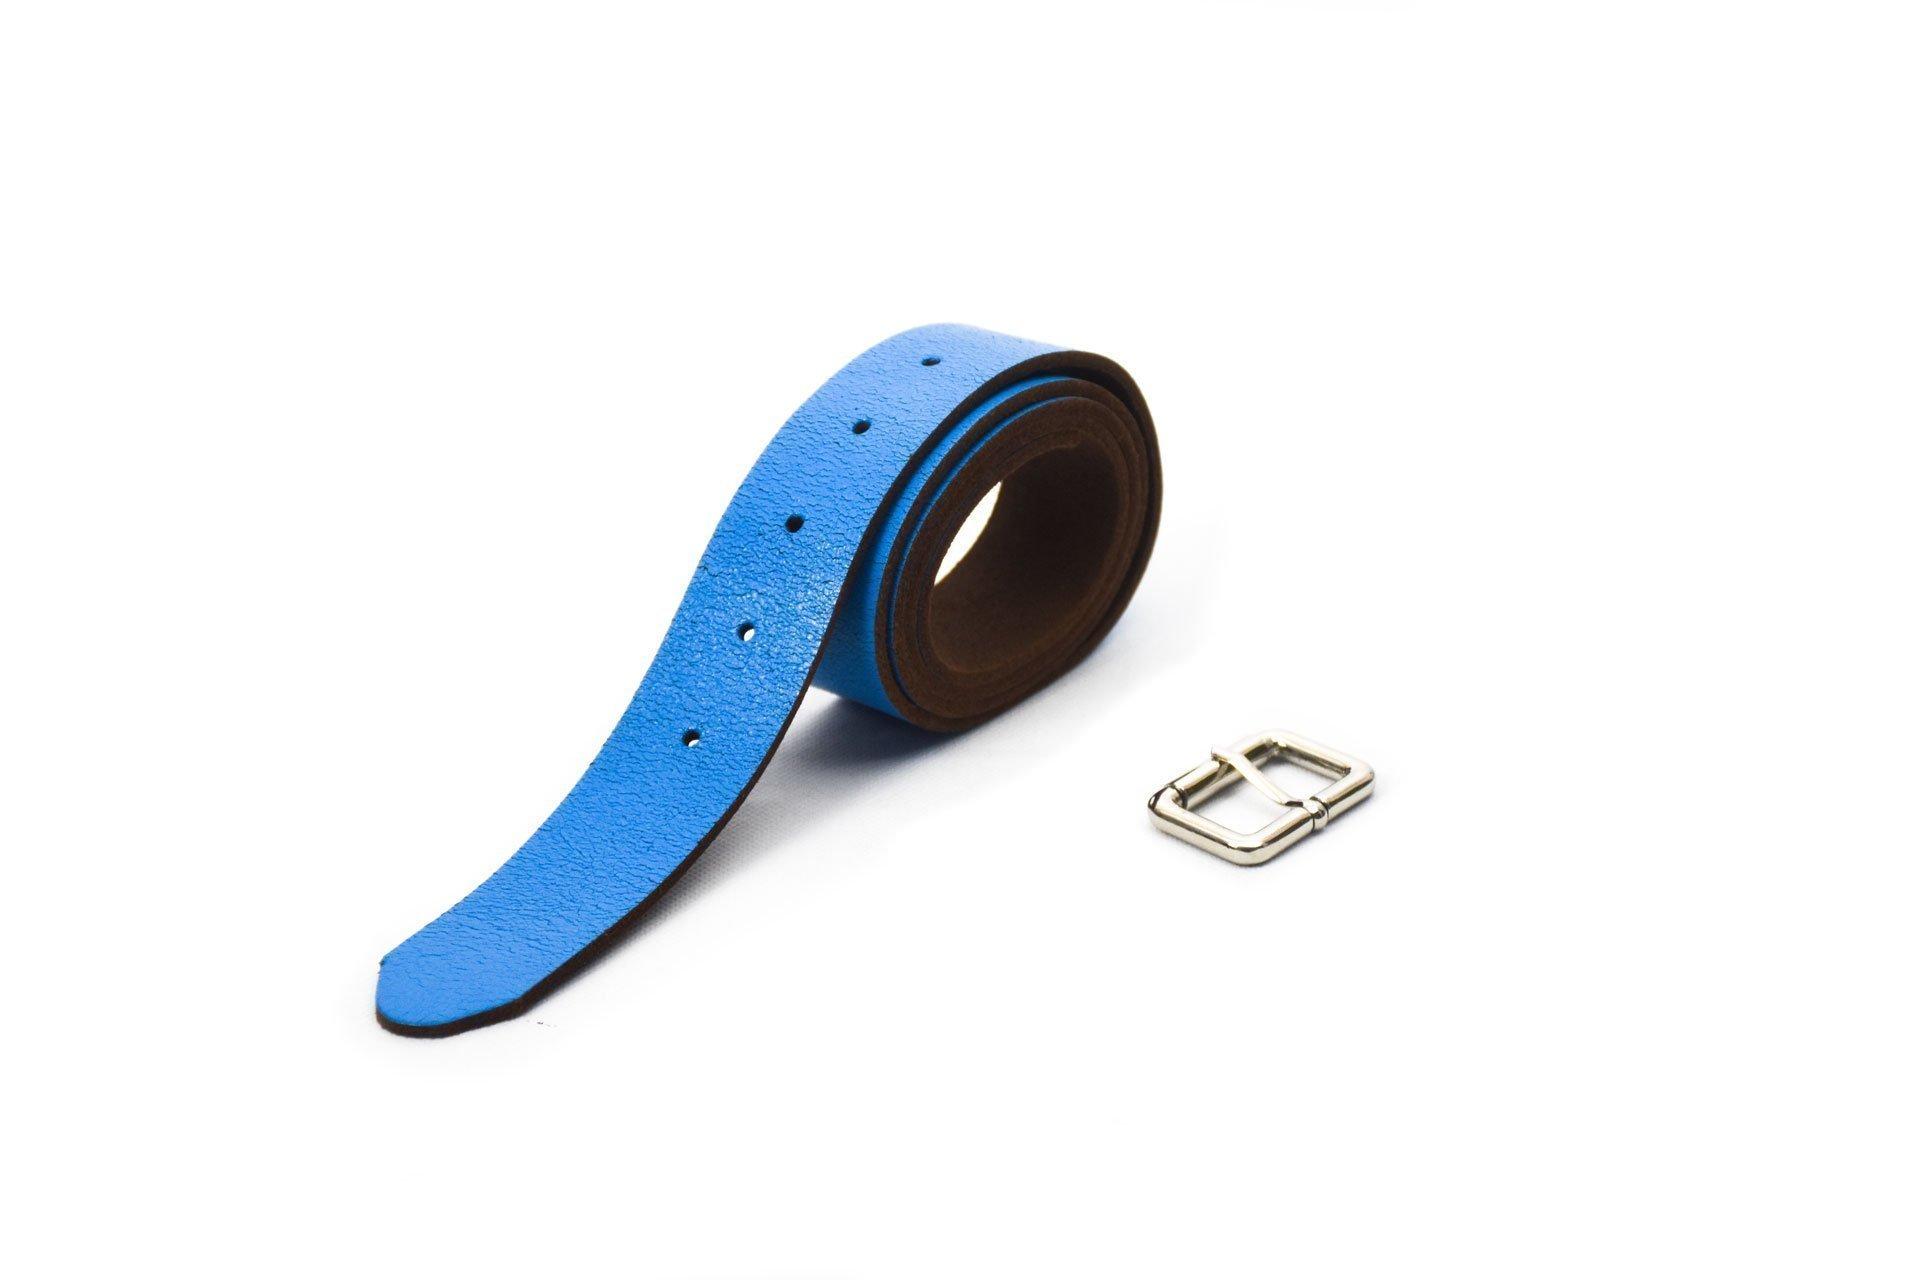 cinturón de piel azul acabado envejecido con hebilla níquel